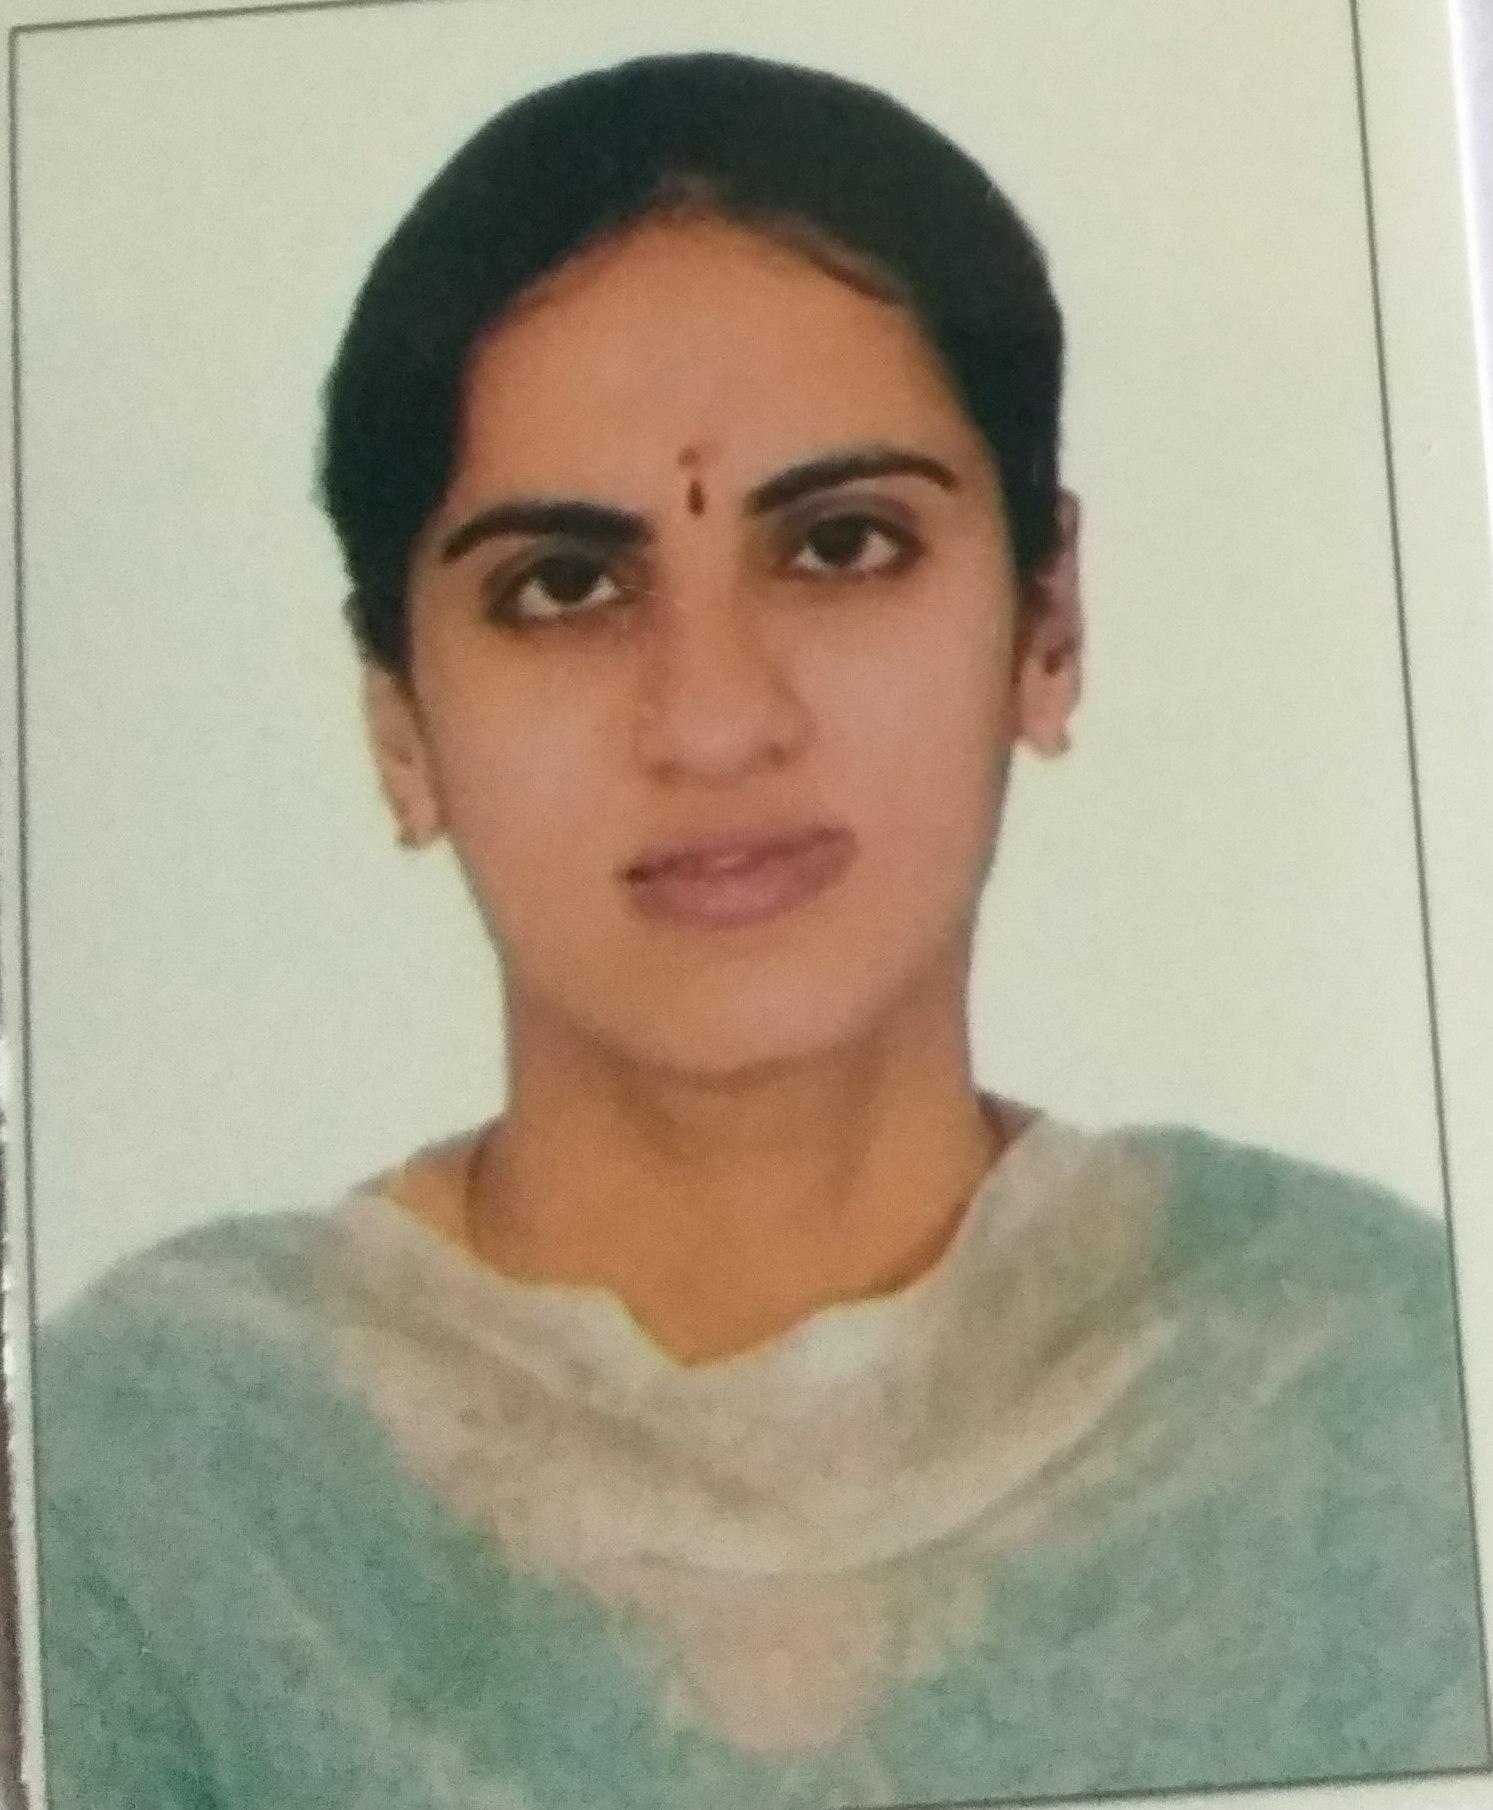 Harini Rajesh